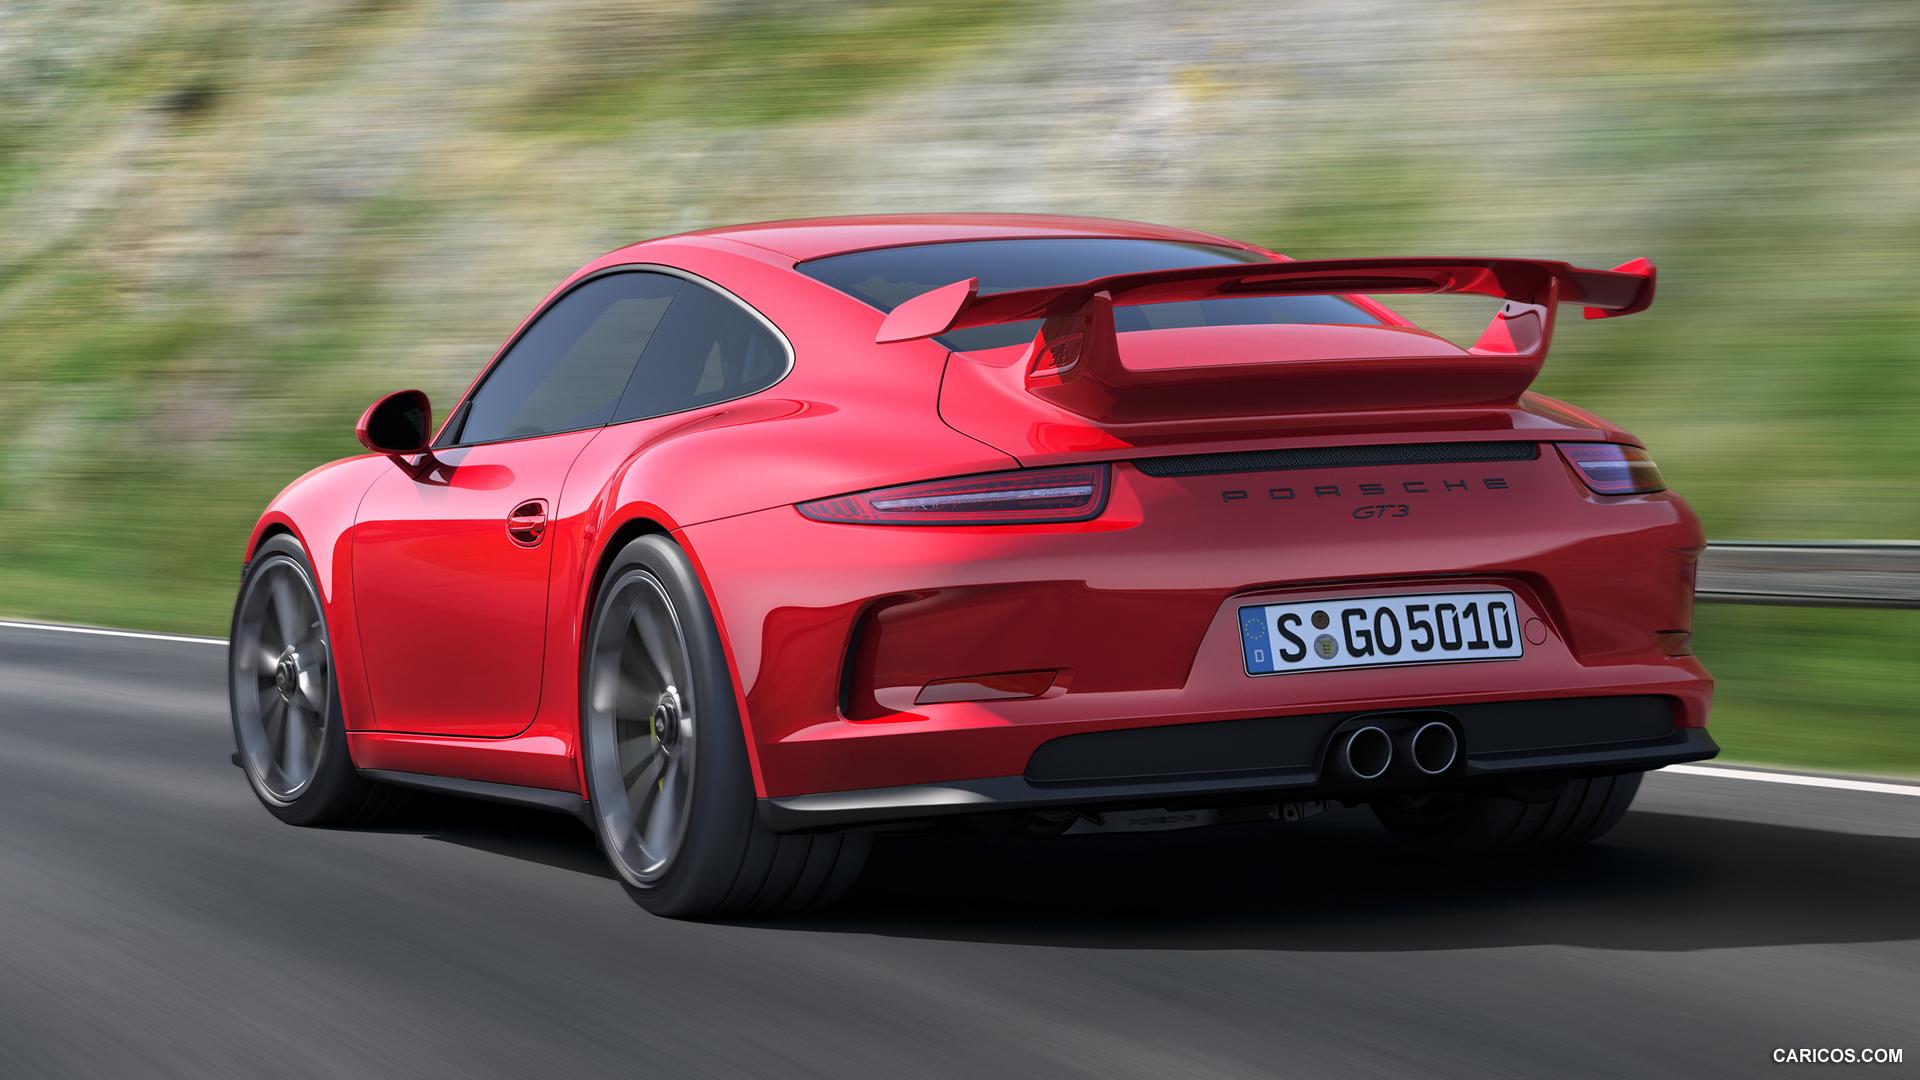 Скачать картинку Машины, Порш (Porsche), Транспорт в телефон бесплатно.